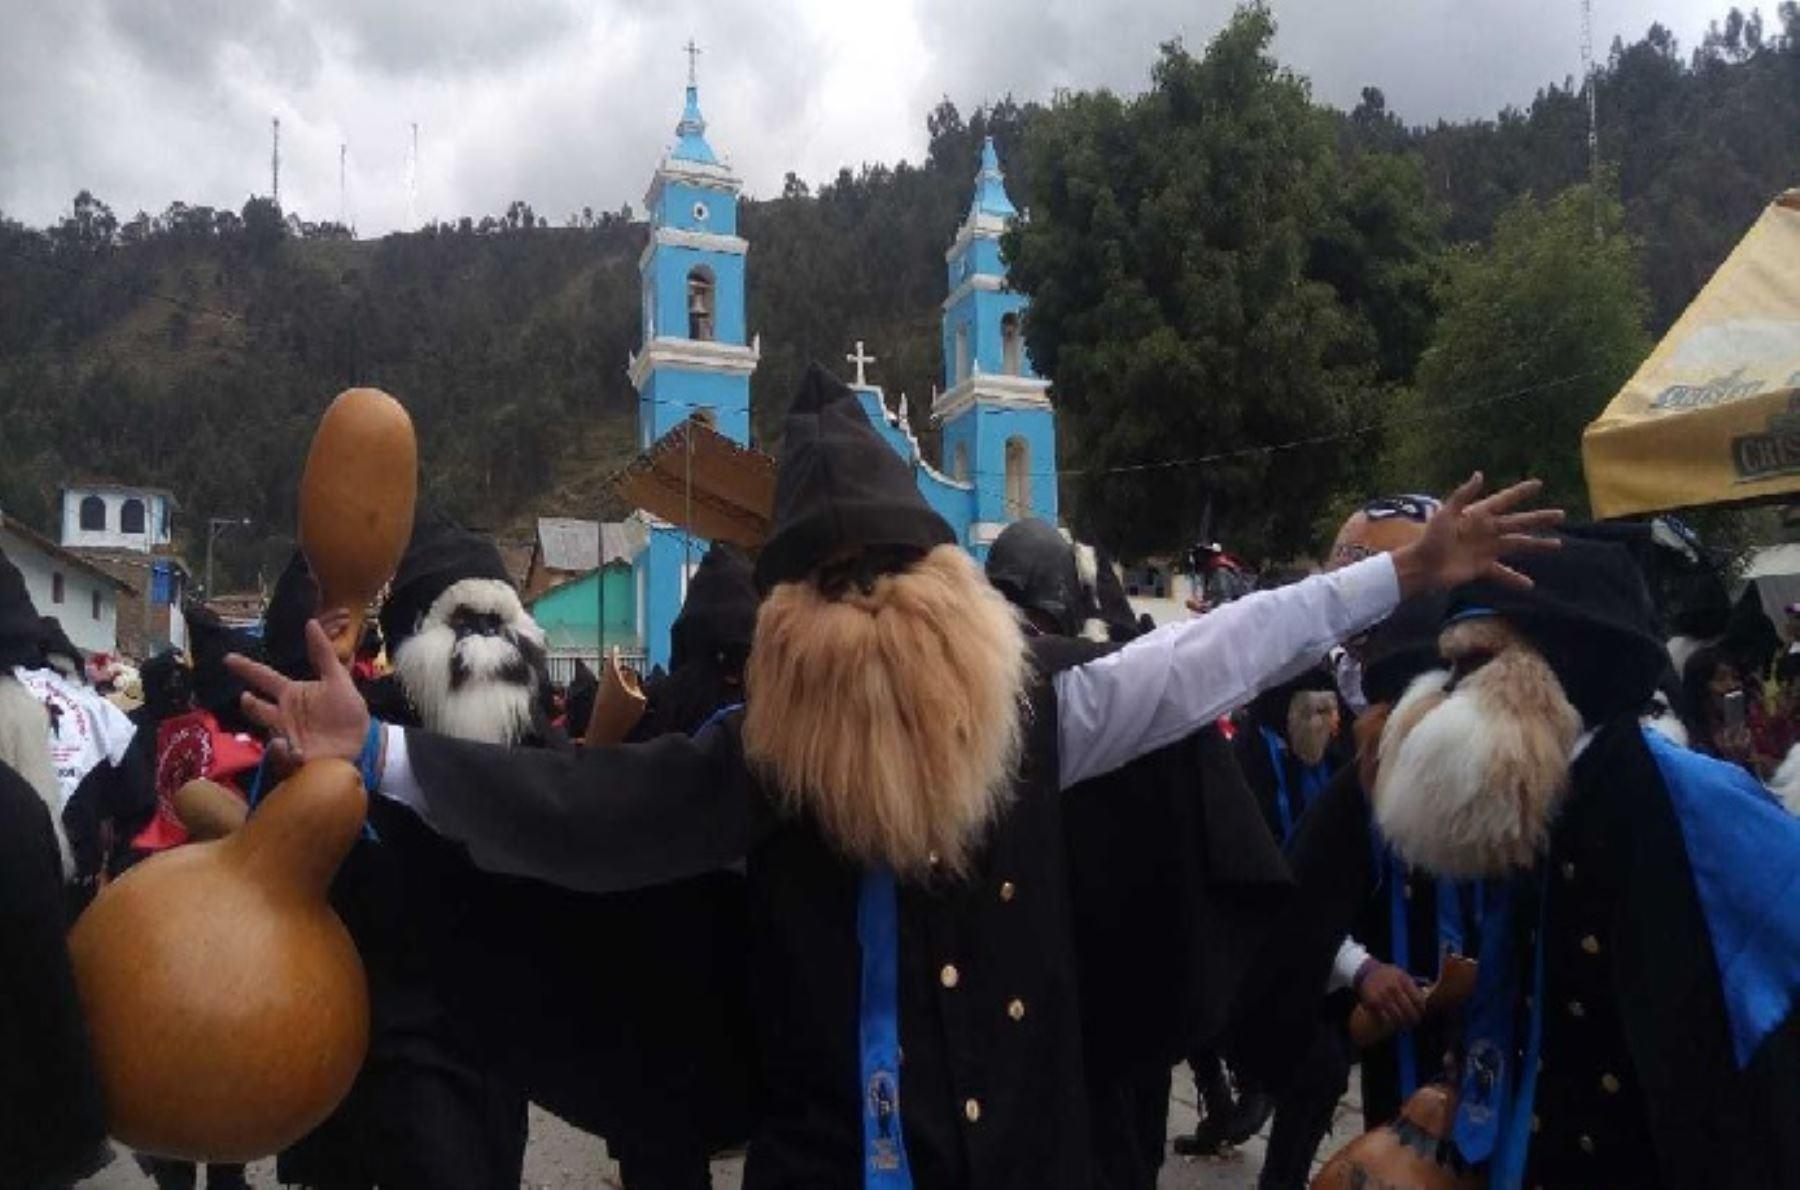 En medio de desbordante alegría, autoridades y pobladores del distrito de Ingenio, provincia de Huancayo, región Junín, recibieron en forma oficial la resolución viceministerial que declara como Patrimonio Cultural de la Nación a la danza de Los Negritos de Ingenio.